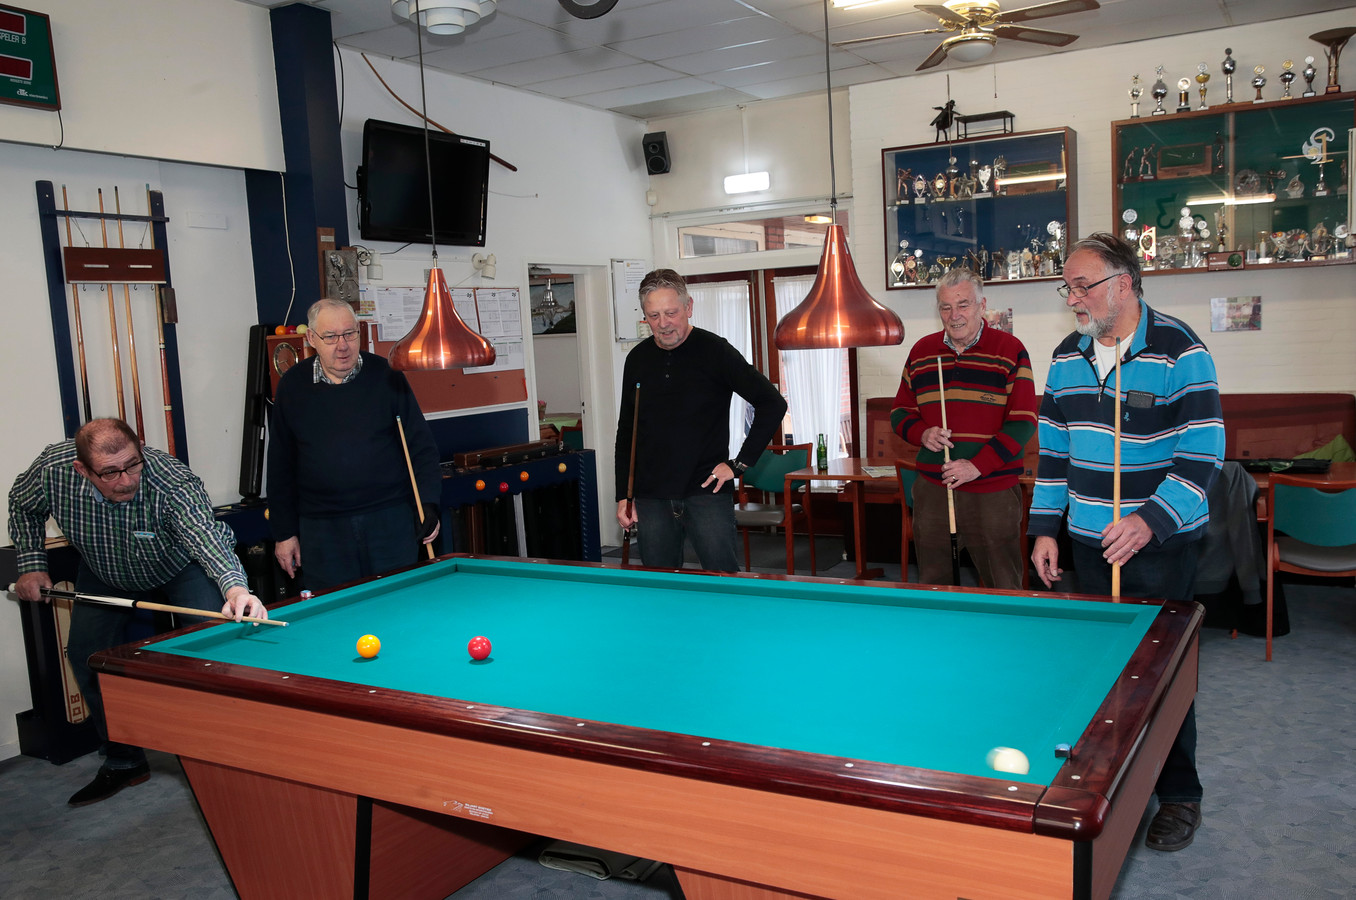 De biljarters kunnen alle drie hun tafels meenemen naar de kleedruimte van de oude sporthal De Rozet, hun nieuwe onderkomen.